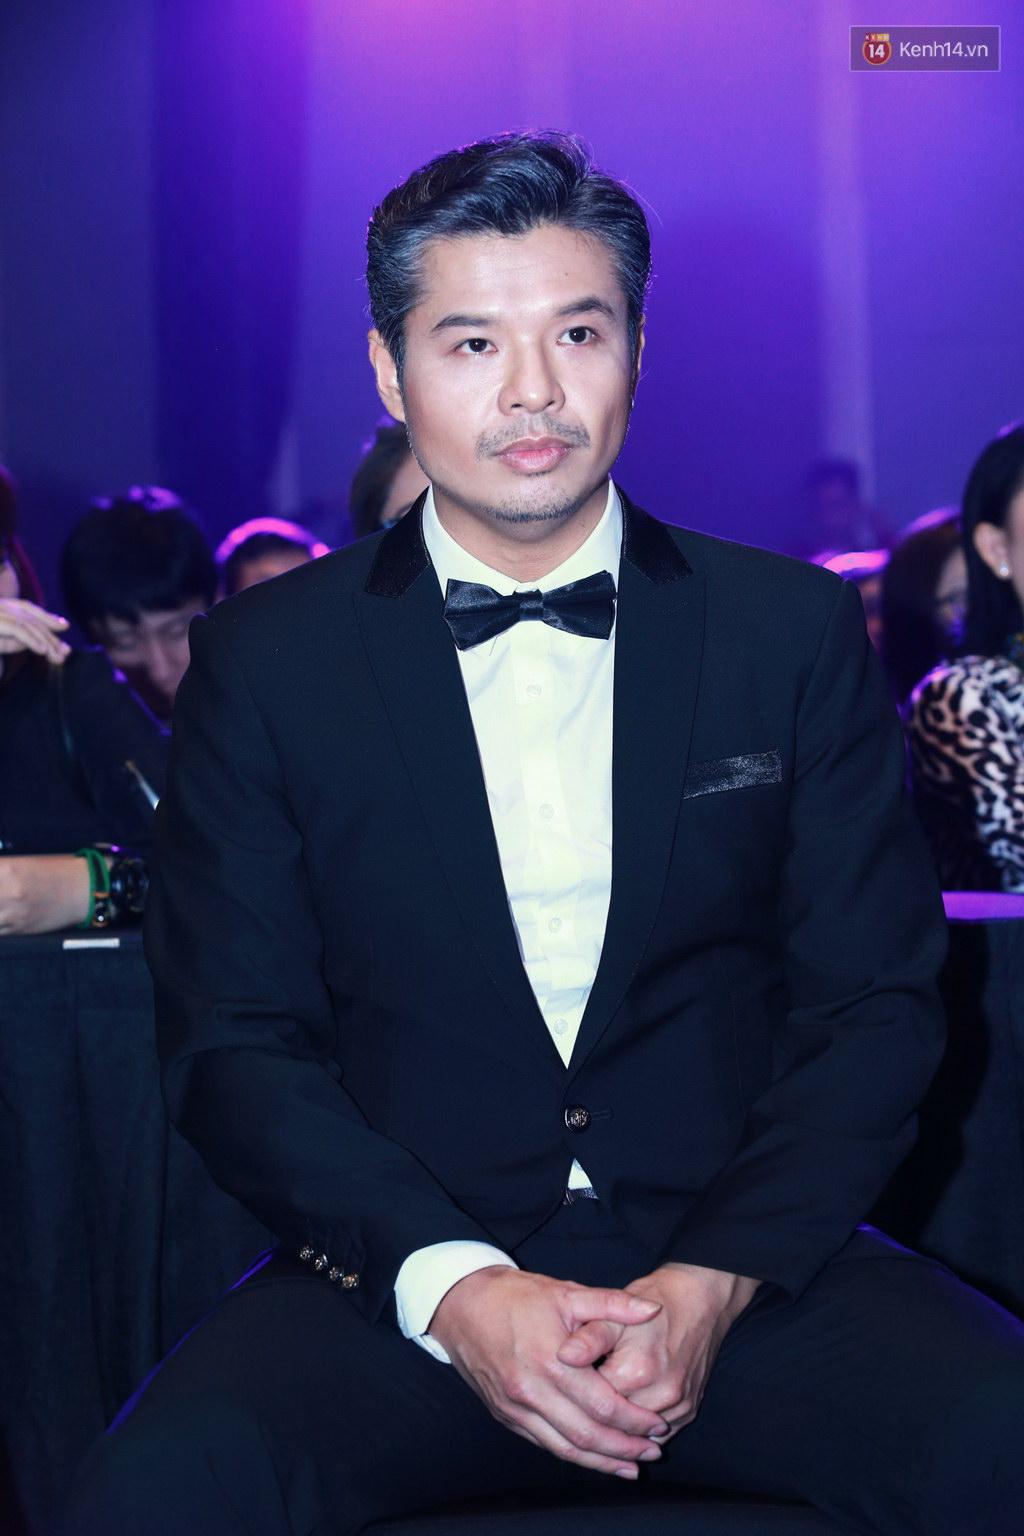 Trương Ngọc Ánh bị thương nhiều nhất trong đoàn làm phim khi thực hiện Truy sát - Ảnh 14.